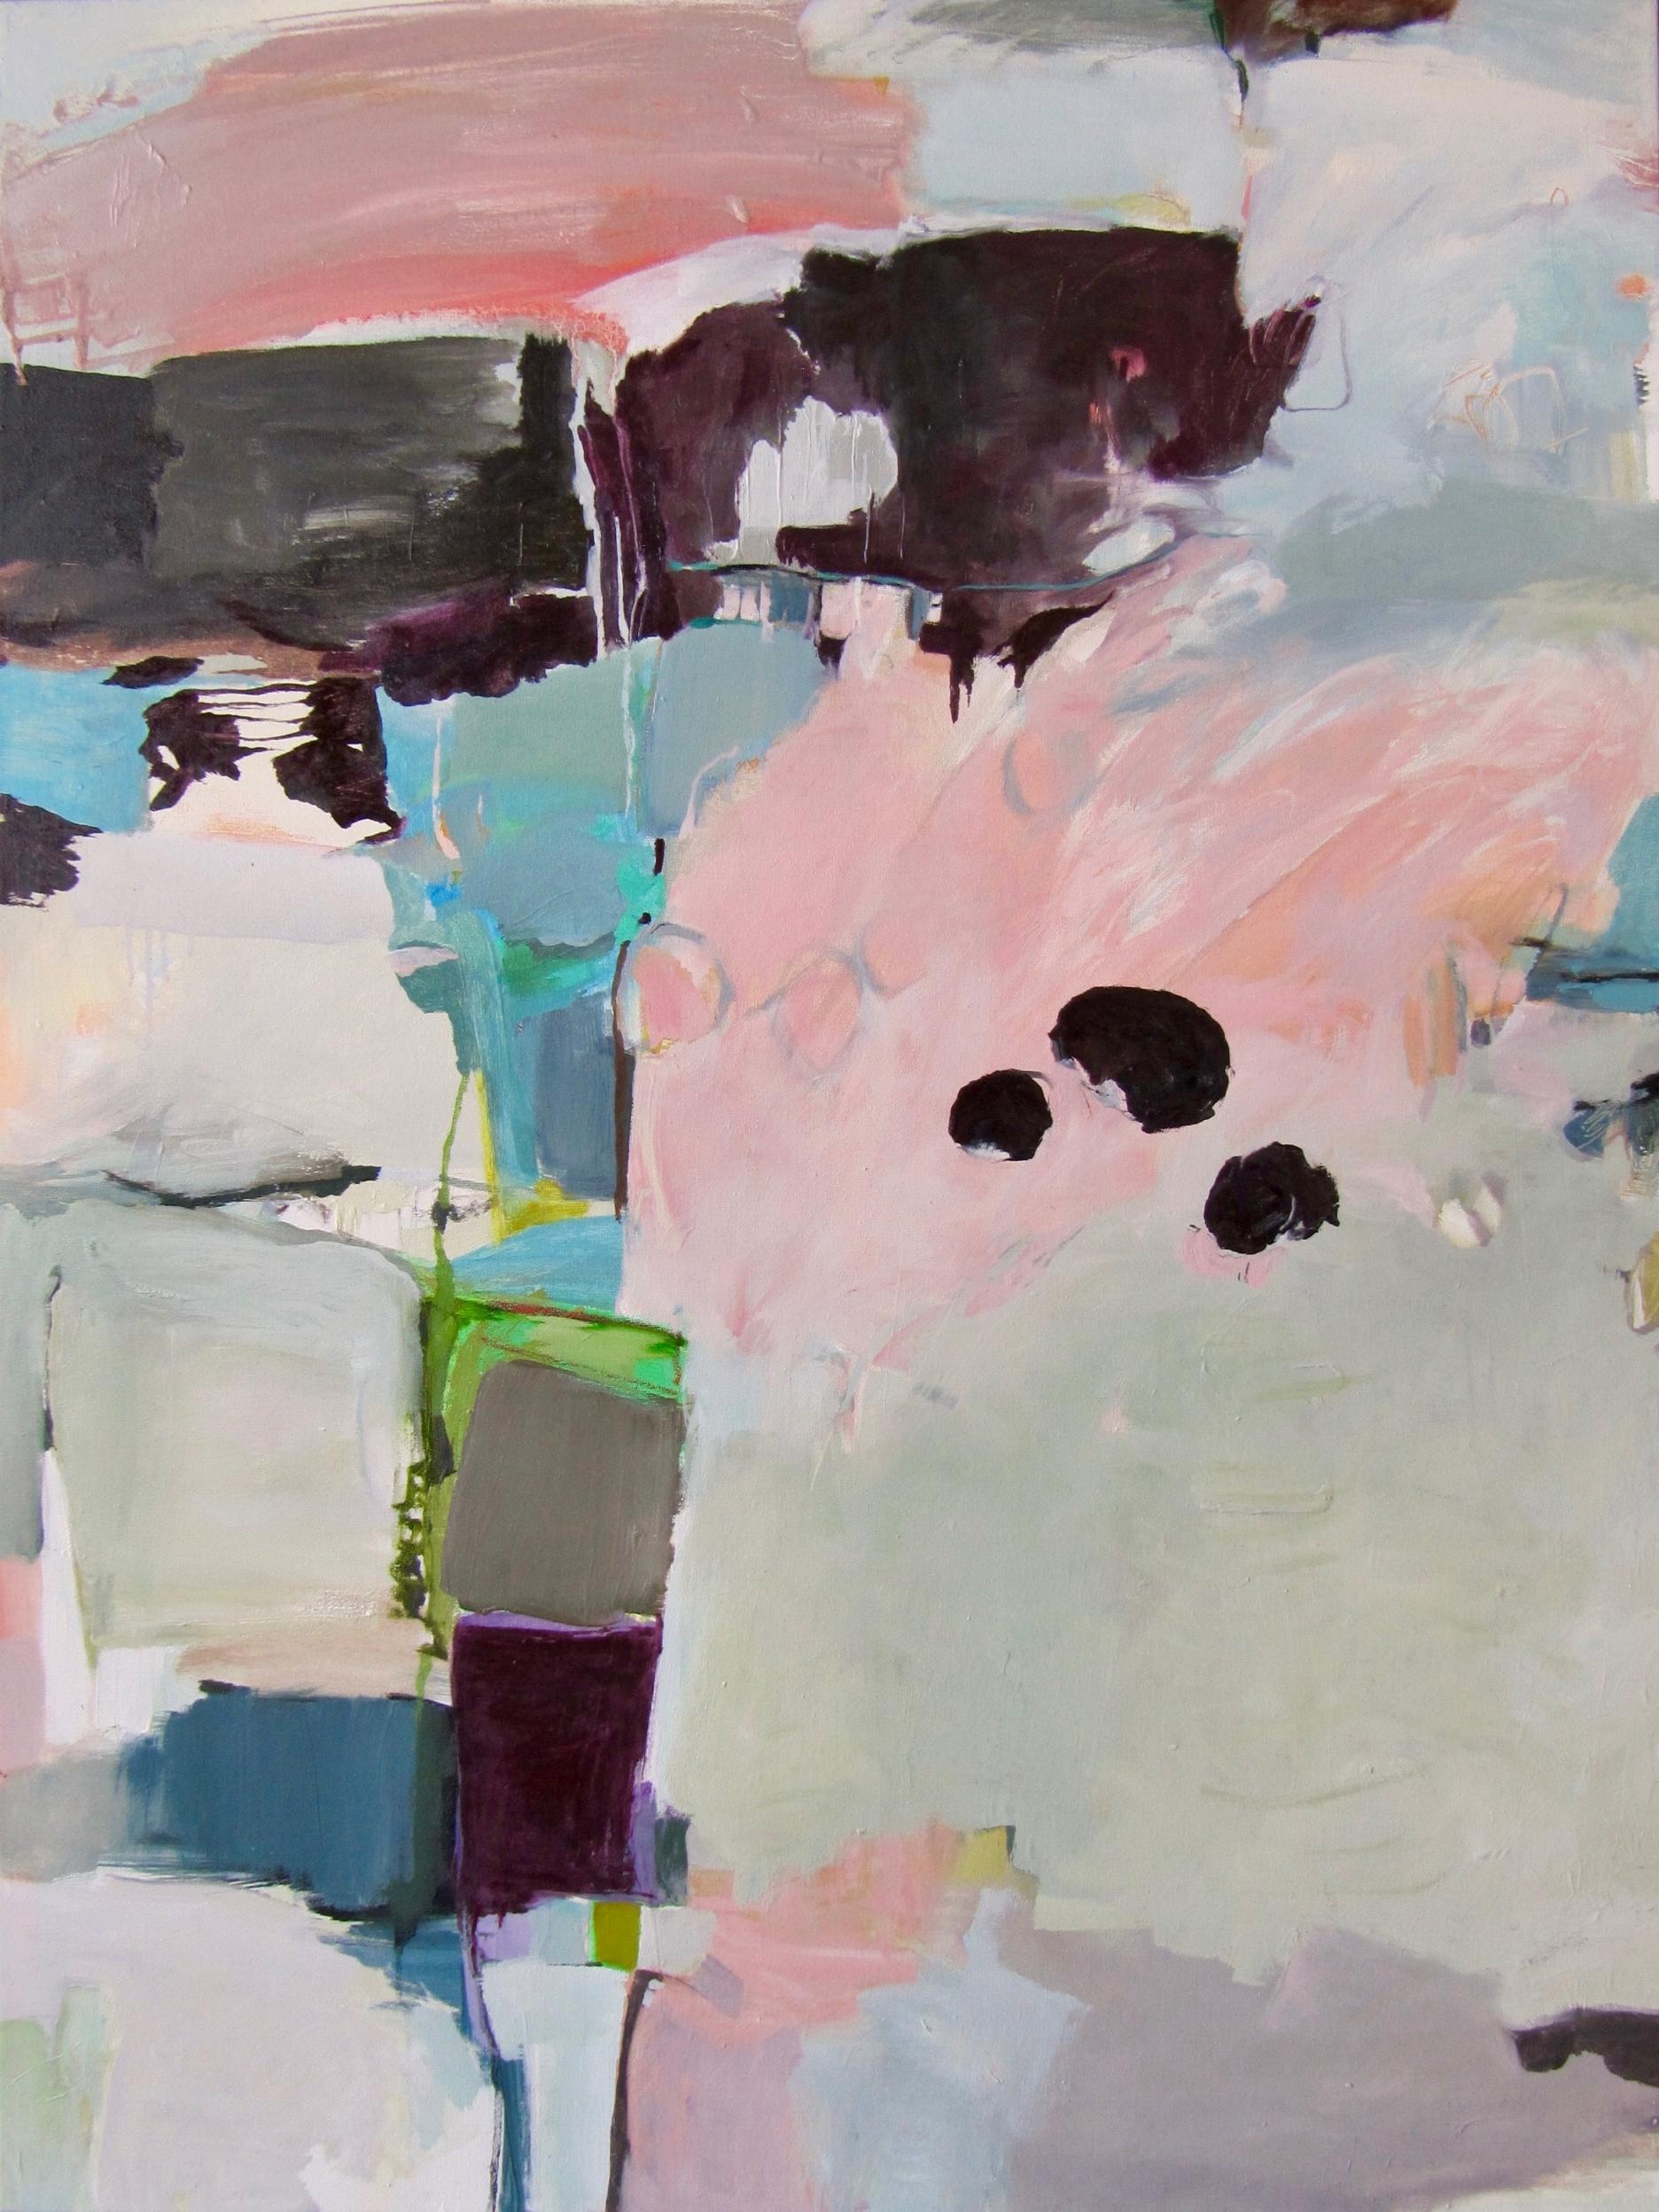 Settle, 2018 / Oil on canvas, 40 x 30